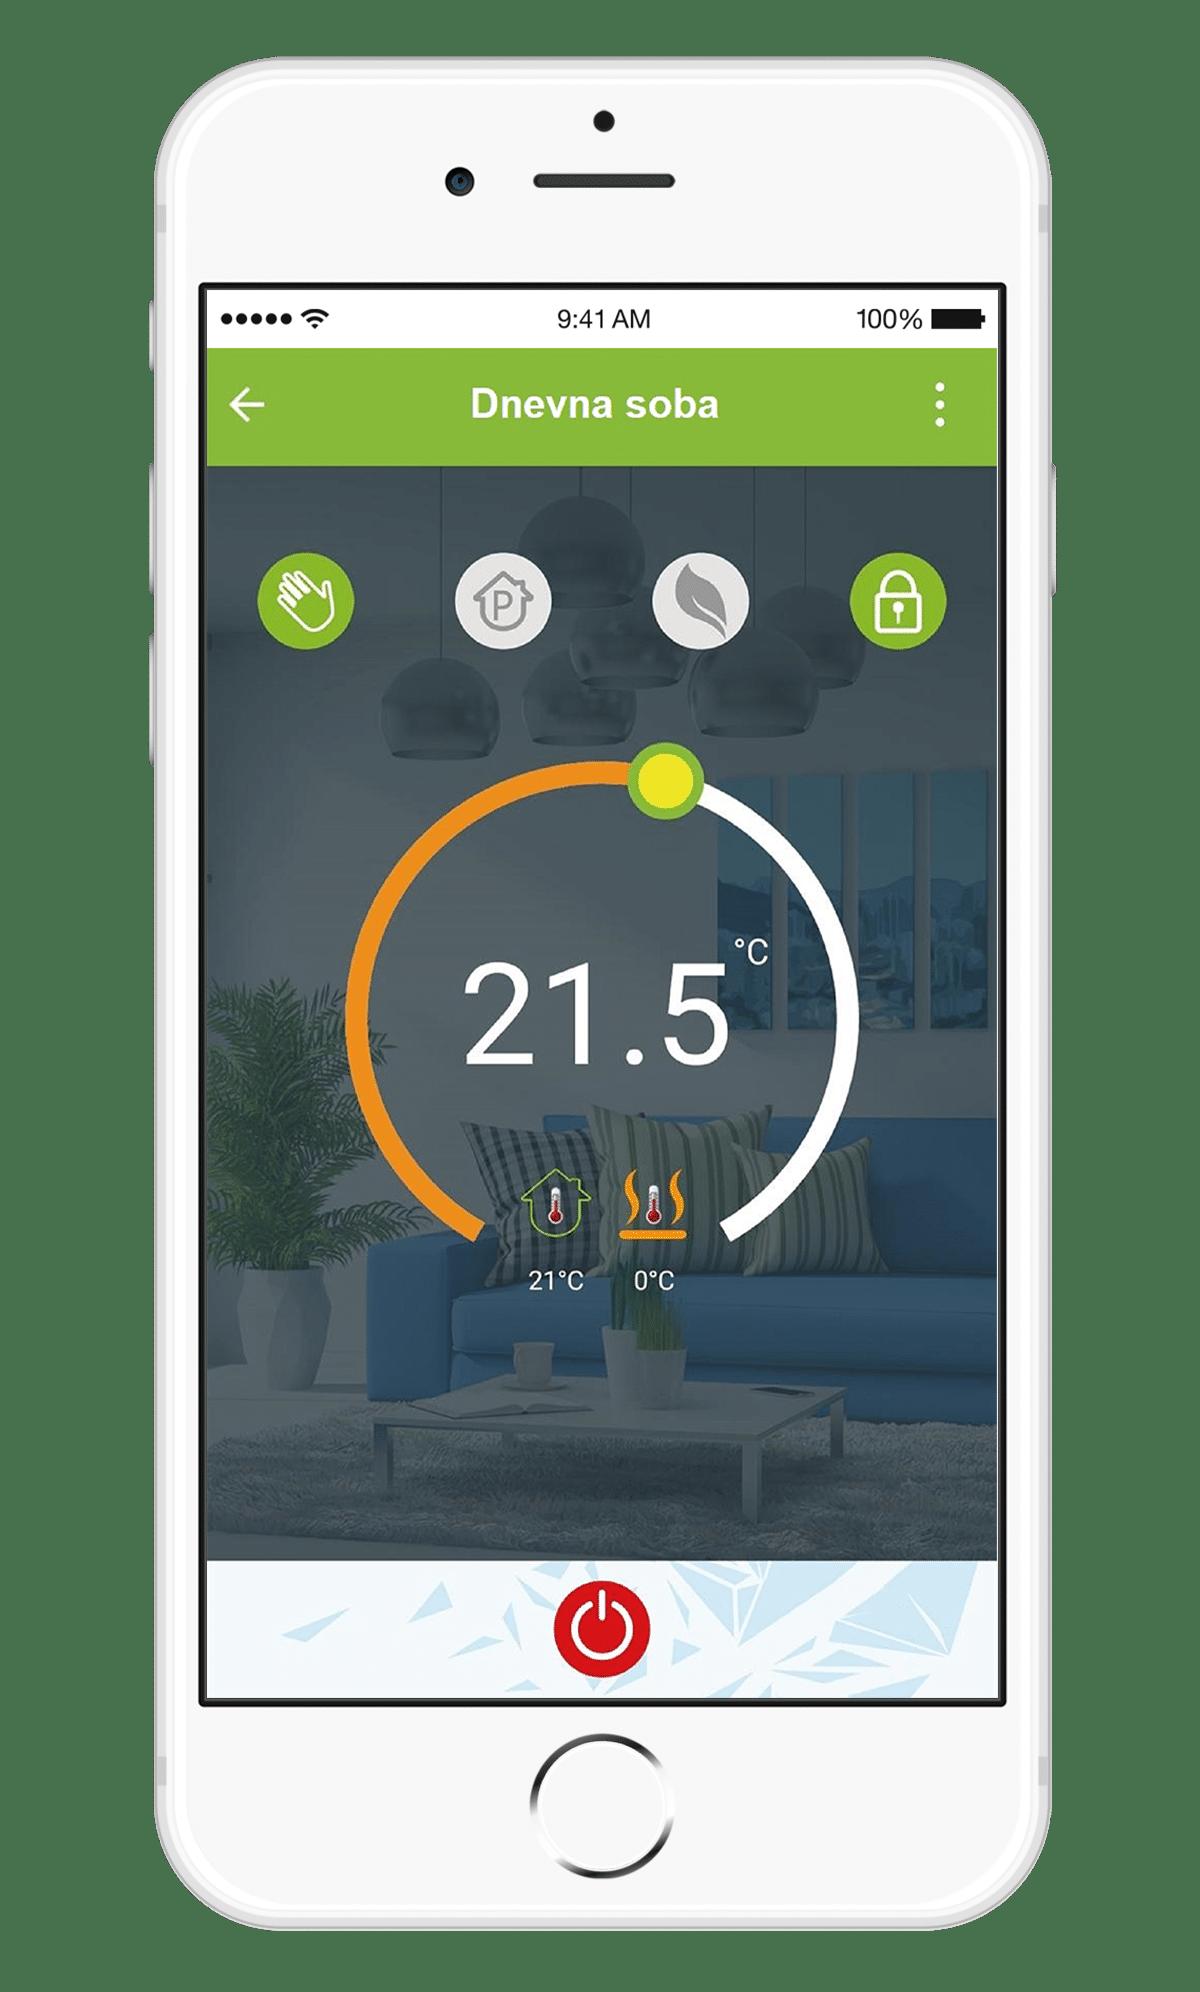 aplikacija za upravljanje pametnim termostatom